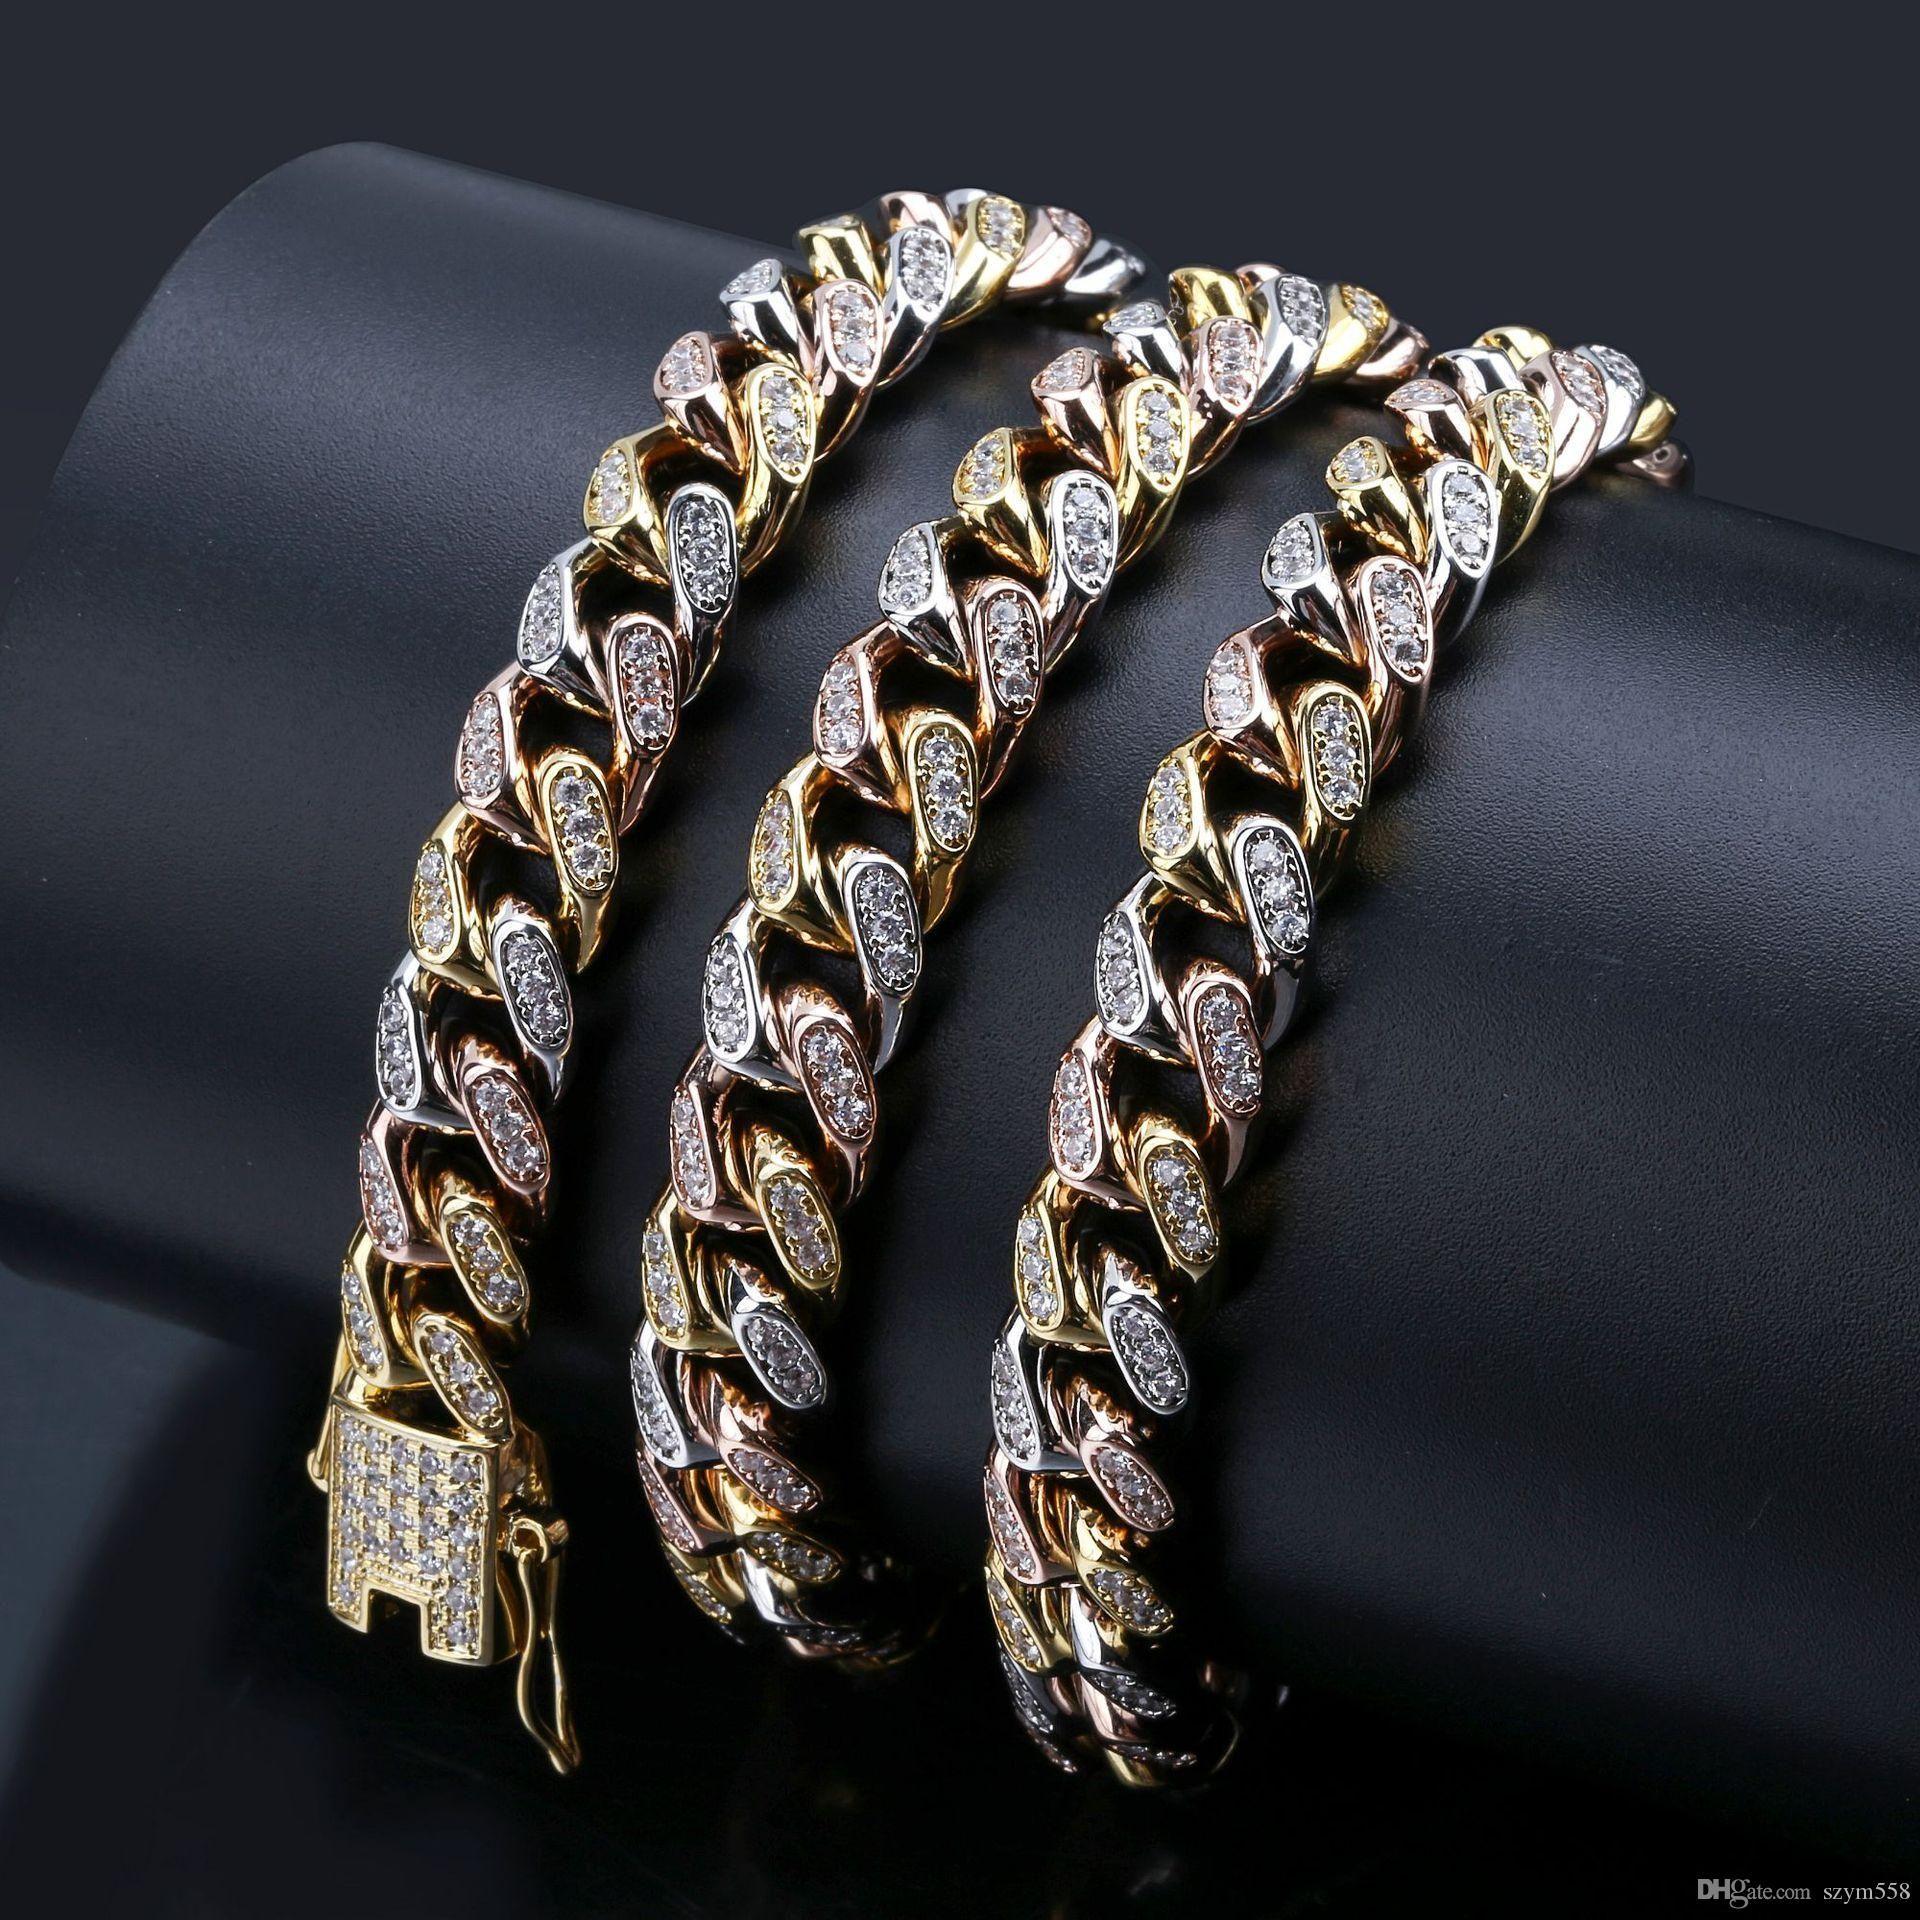 Catene ghiacciate Hip Hop Jewellery full Diamond Collana con diamante full micro cubico zirconia in rame set con diamanti 18 carati in oro placcatura catena cuba 3 colori